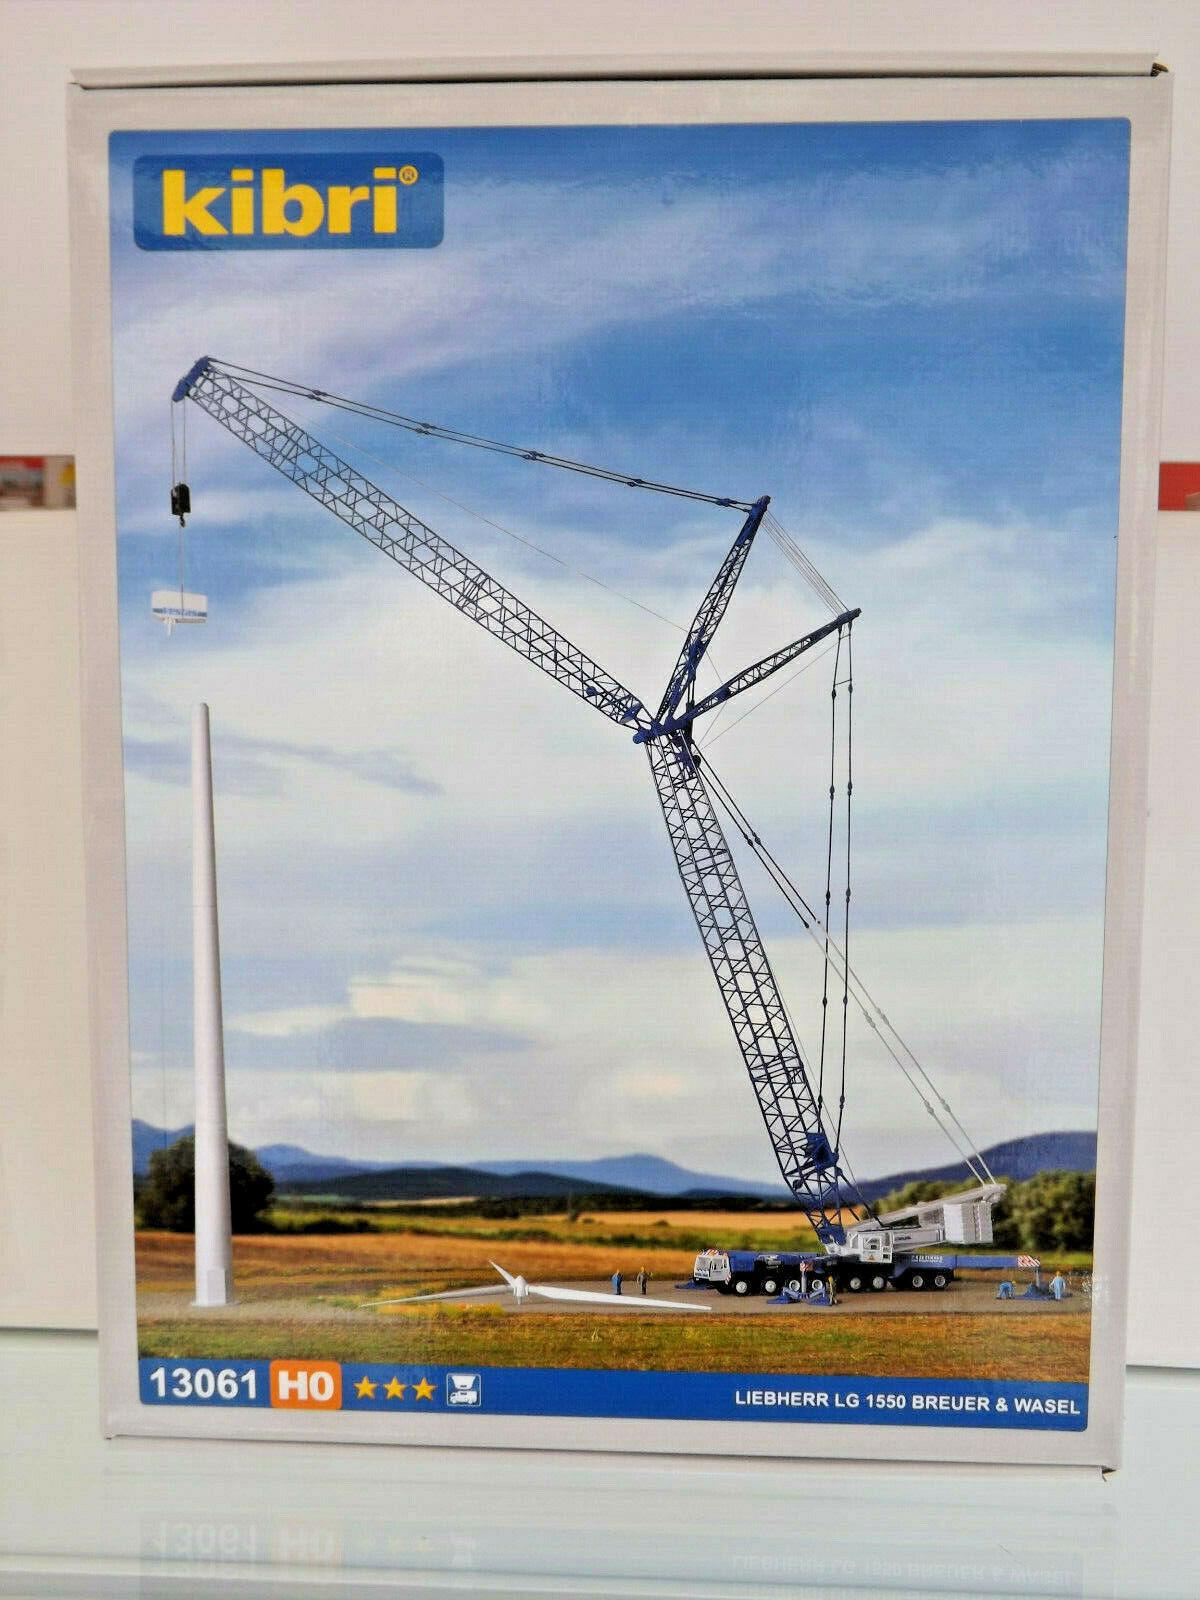 Kibri 13061 - H0 Kit - Liebherr LG 1550 Breuer & Wasel - Nuovo in Confezione